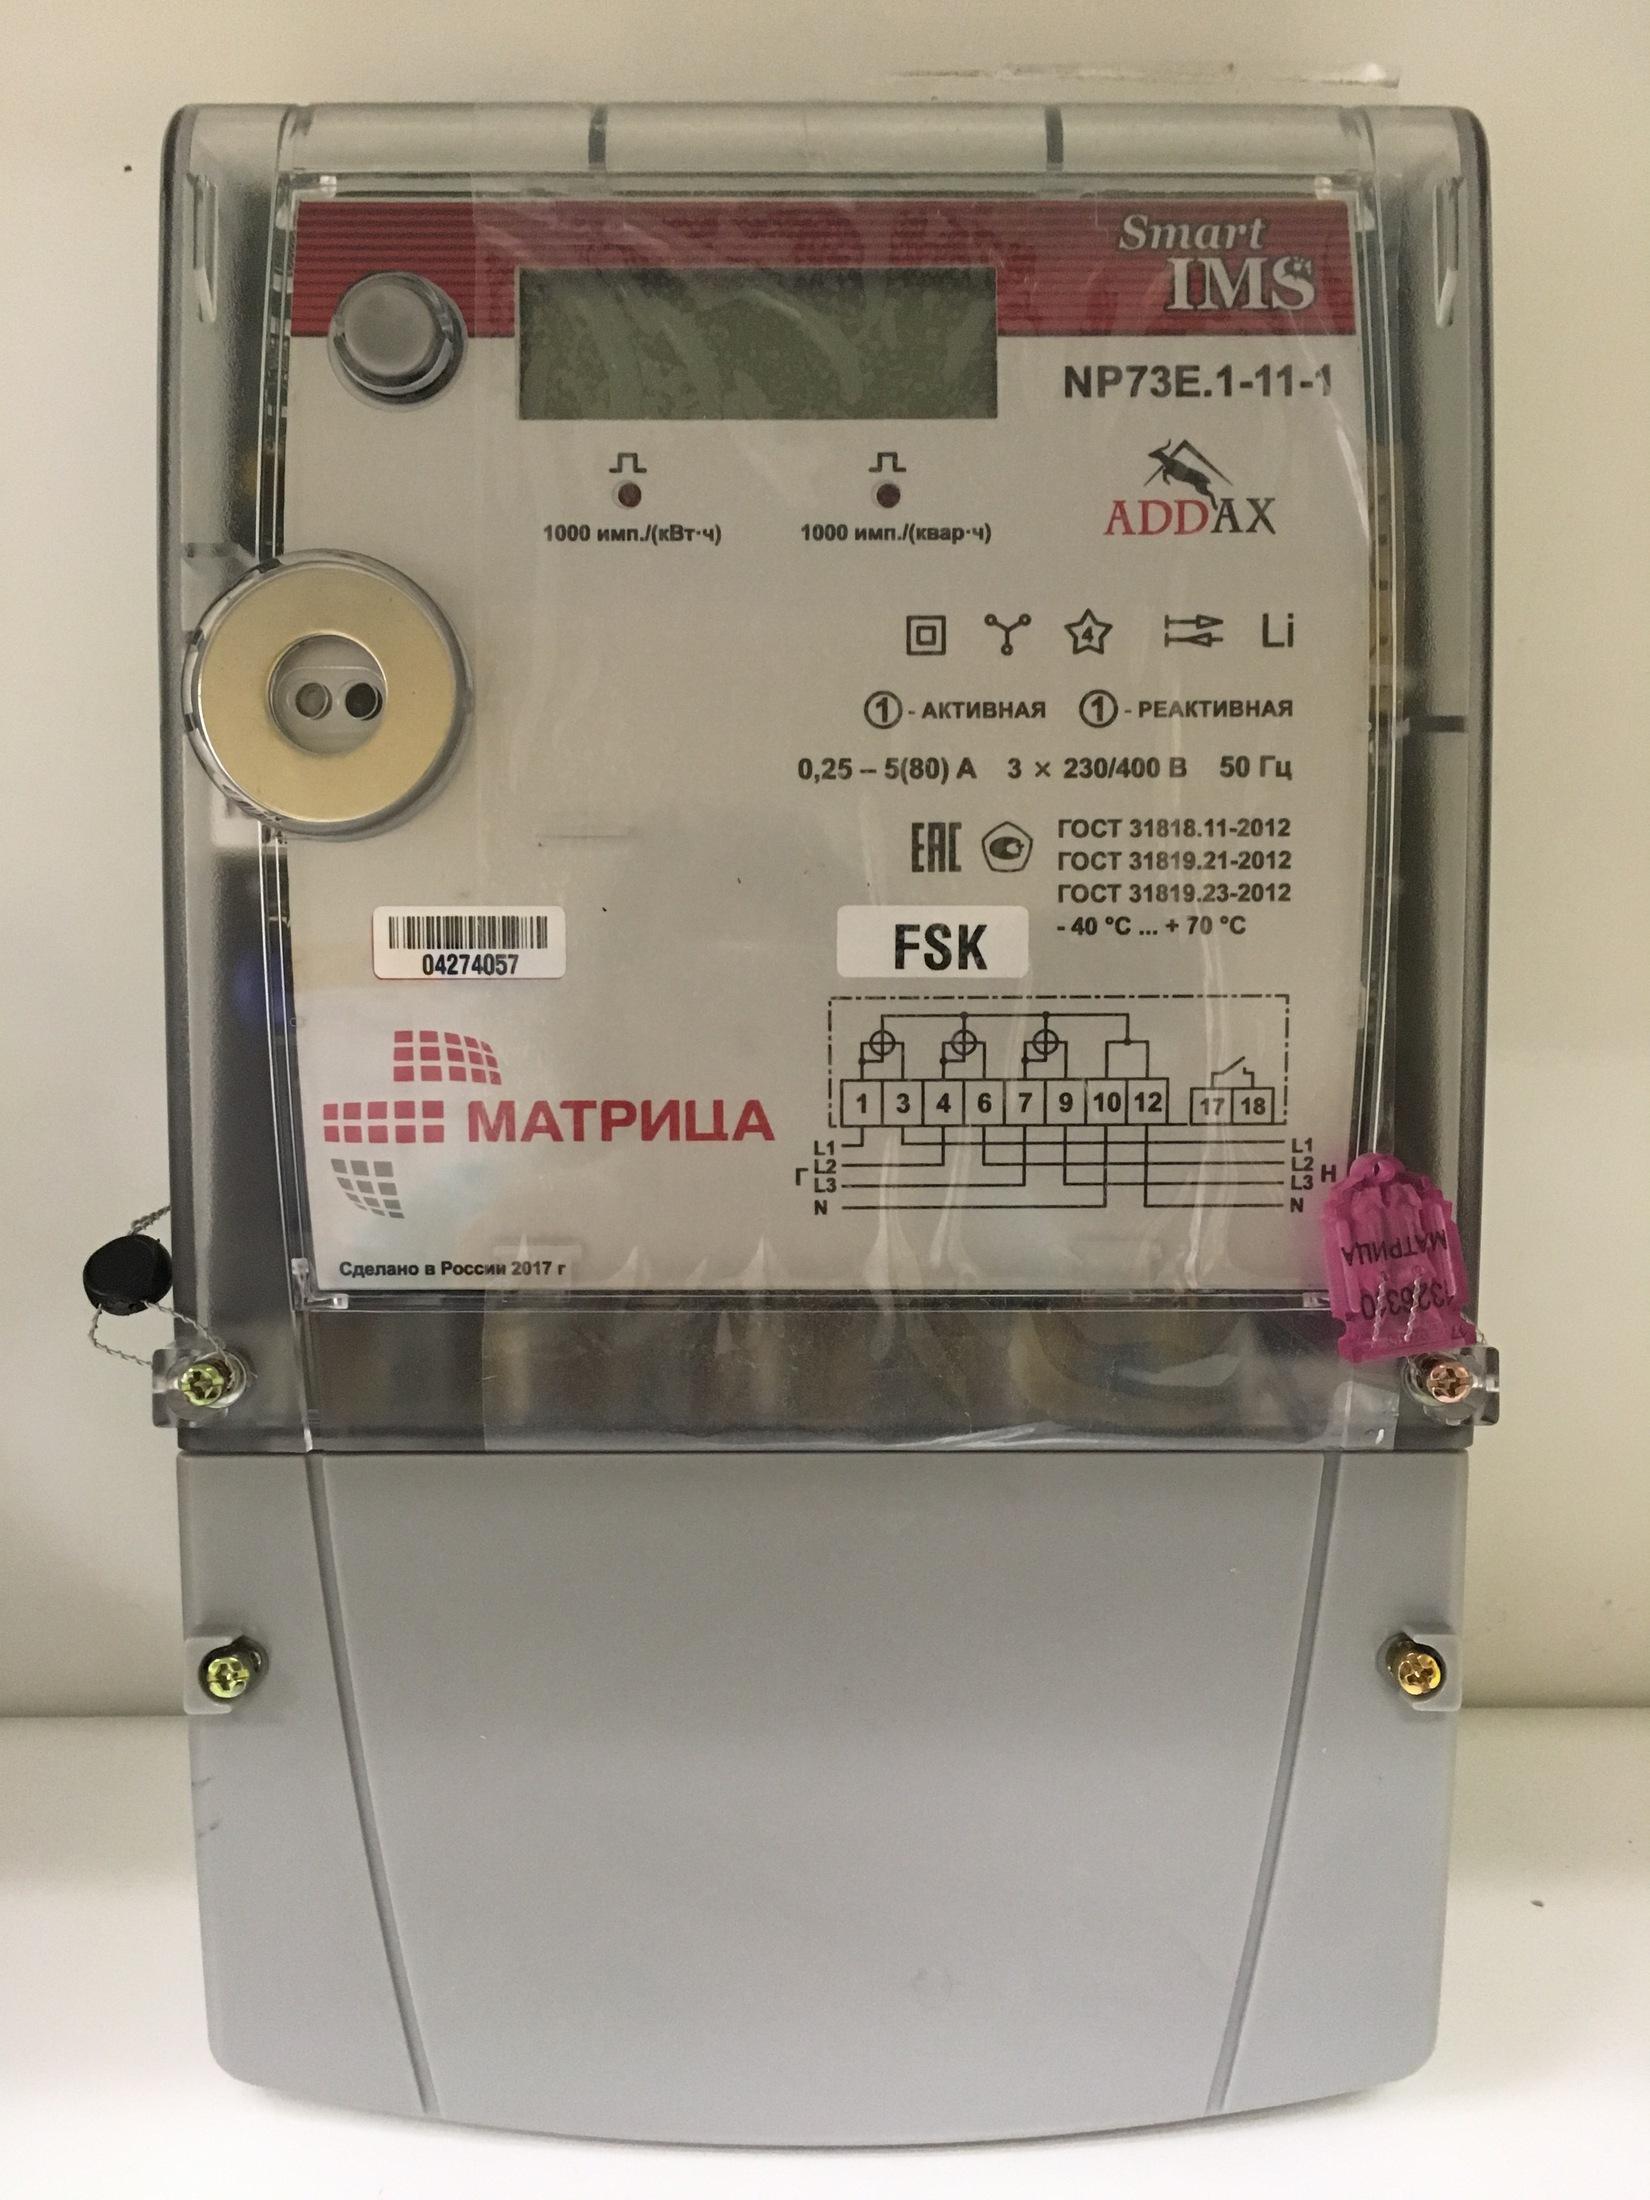 Что нужно знать каждому об умных электросчетчиках. принцип действия и правила подключения интеллектуальных счетчиков электроэнергии